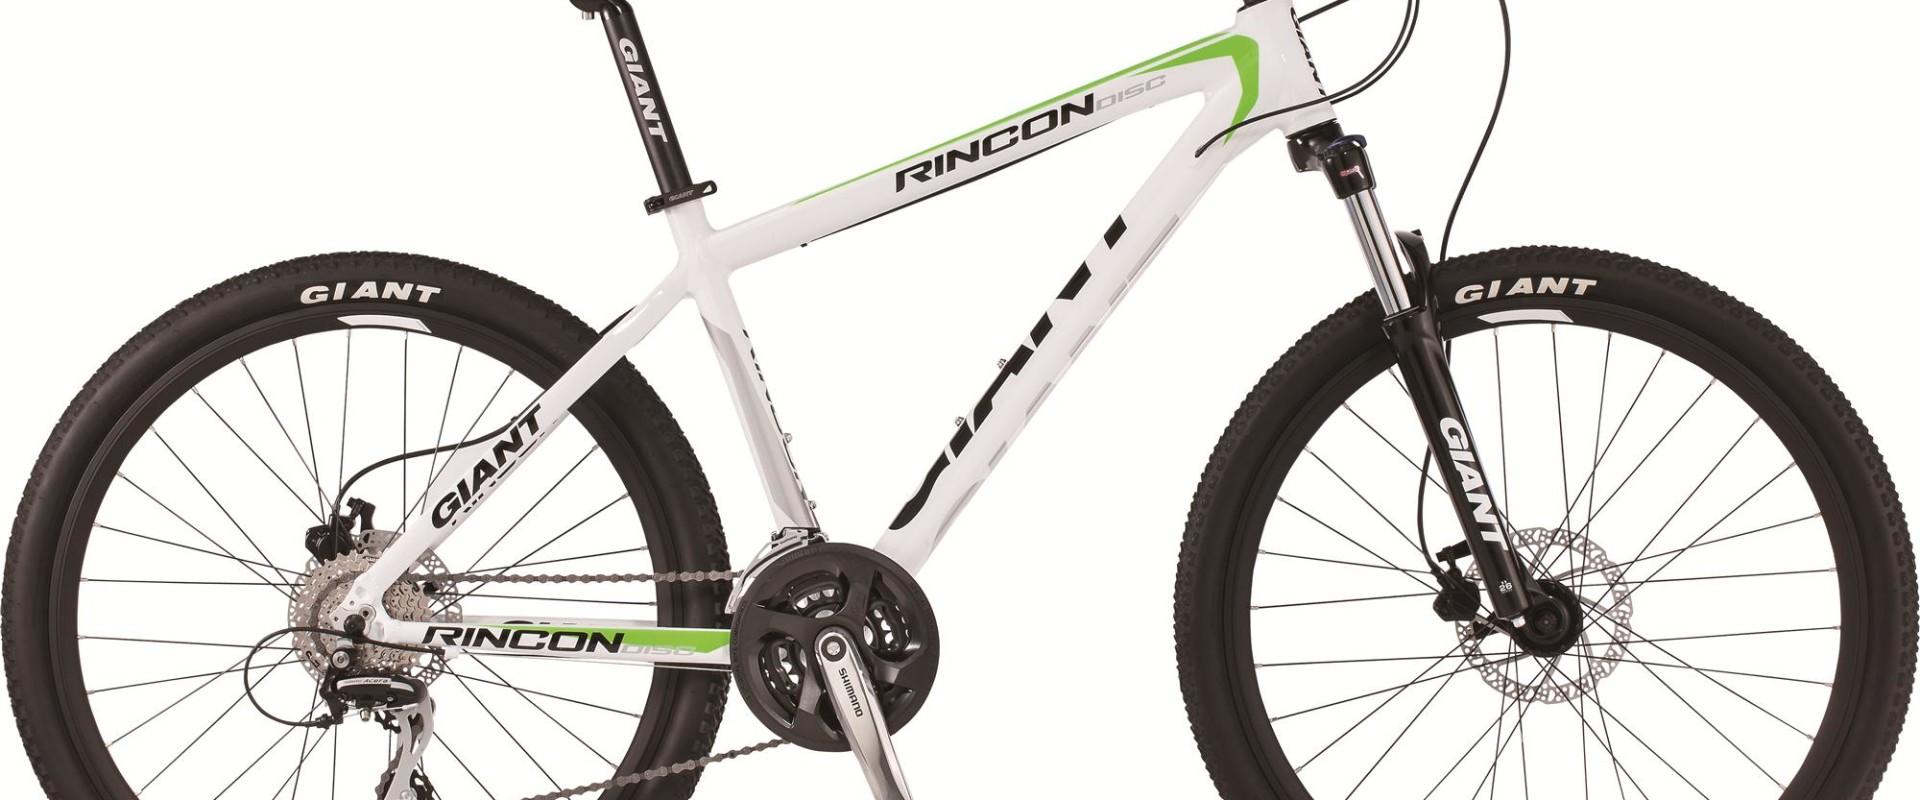 Giant Rincon Disc 2016